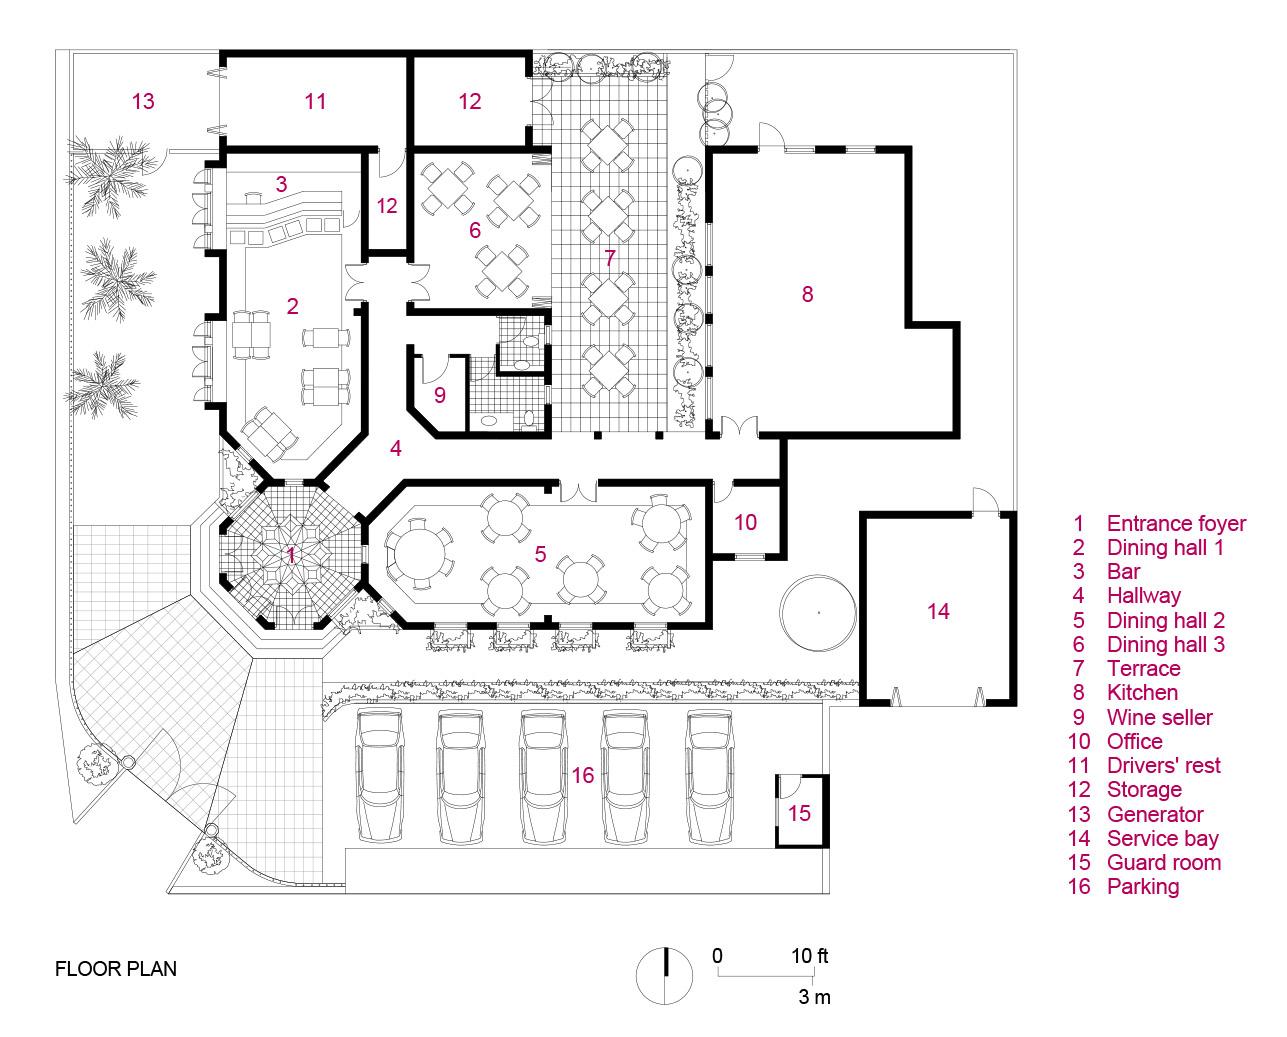 c:userspublicdocumentsmy3_chesa_2013.pdf